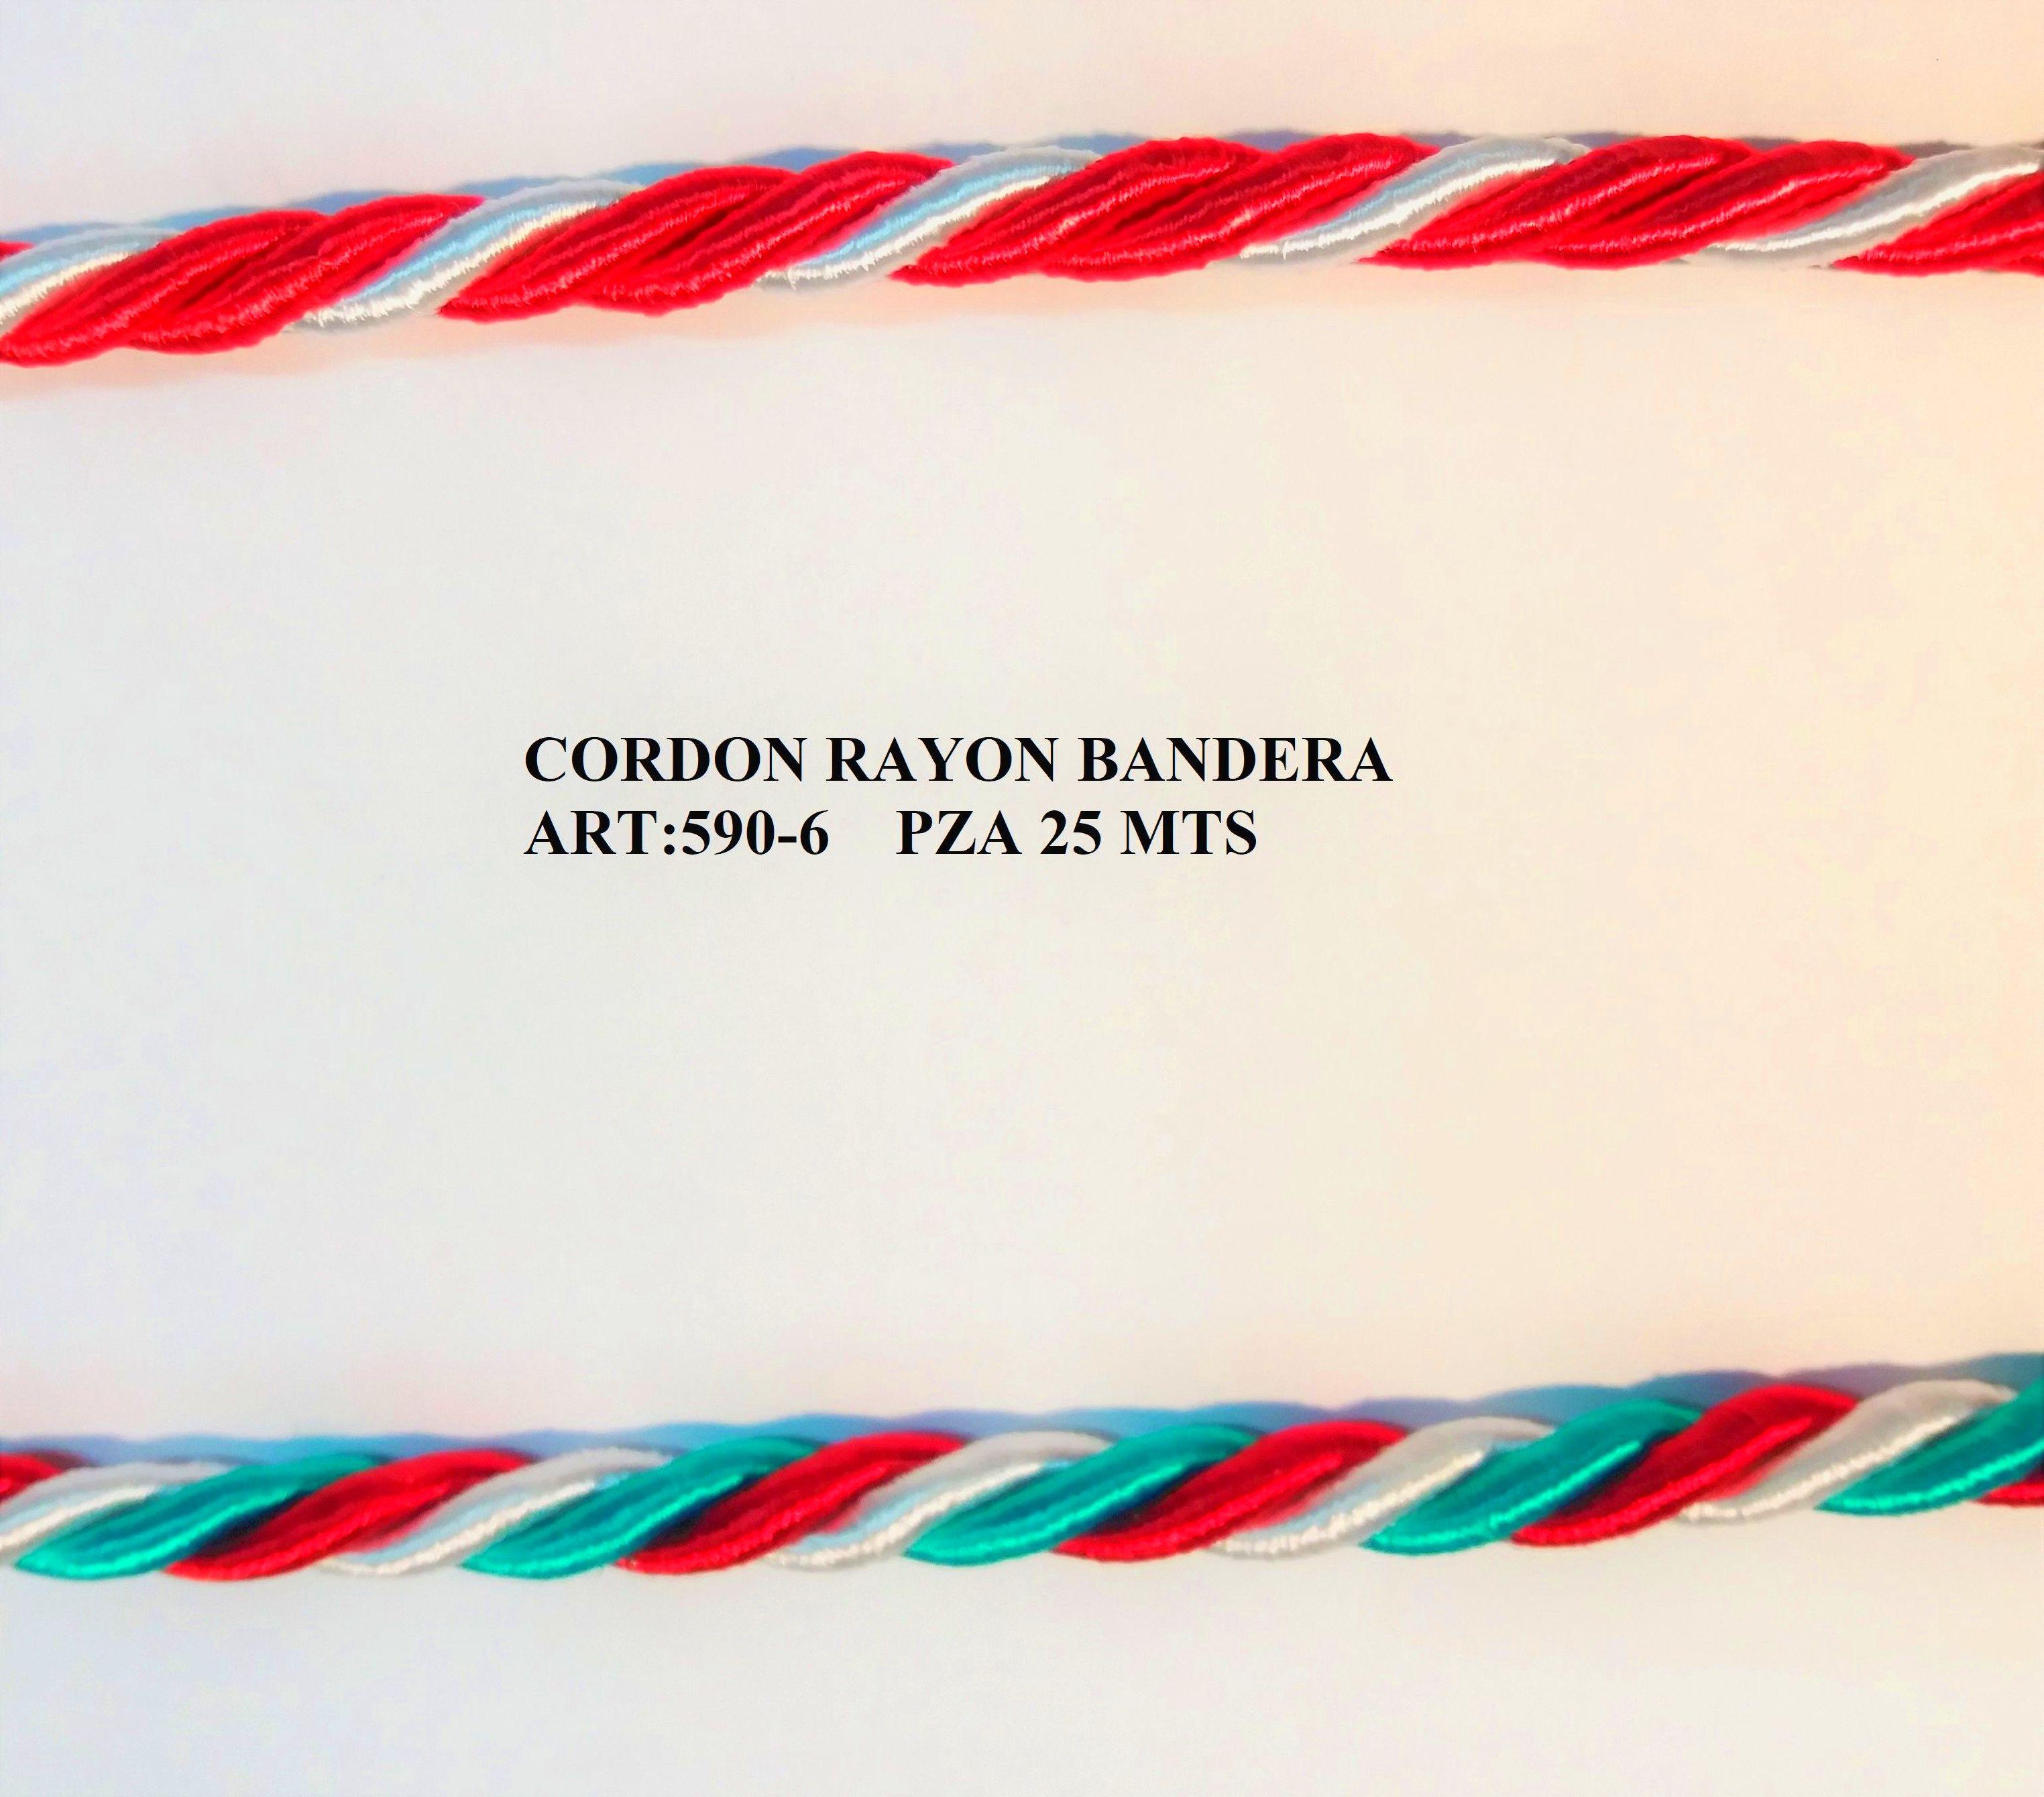 CORDON RAYON  BICOLOR ART:590-6: Catálogo de J.G. Merceros